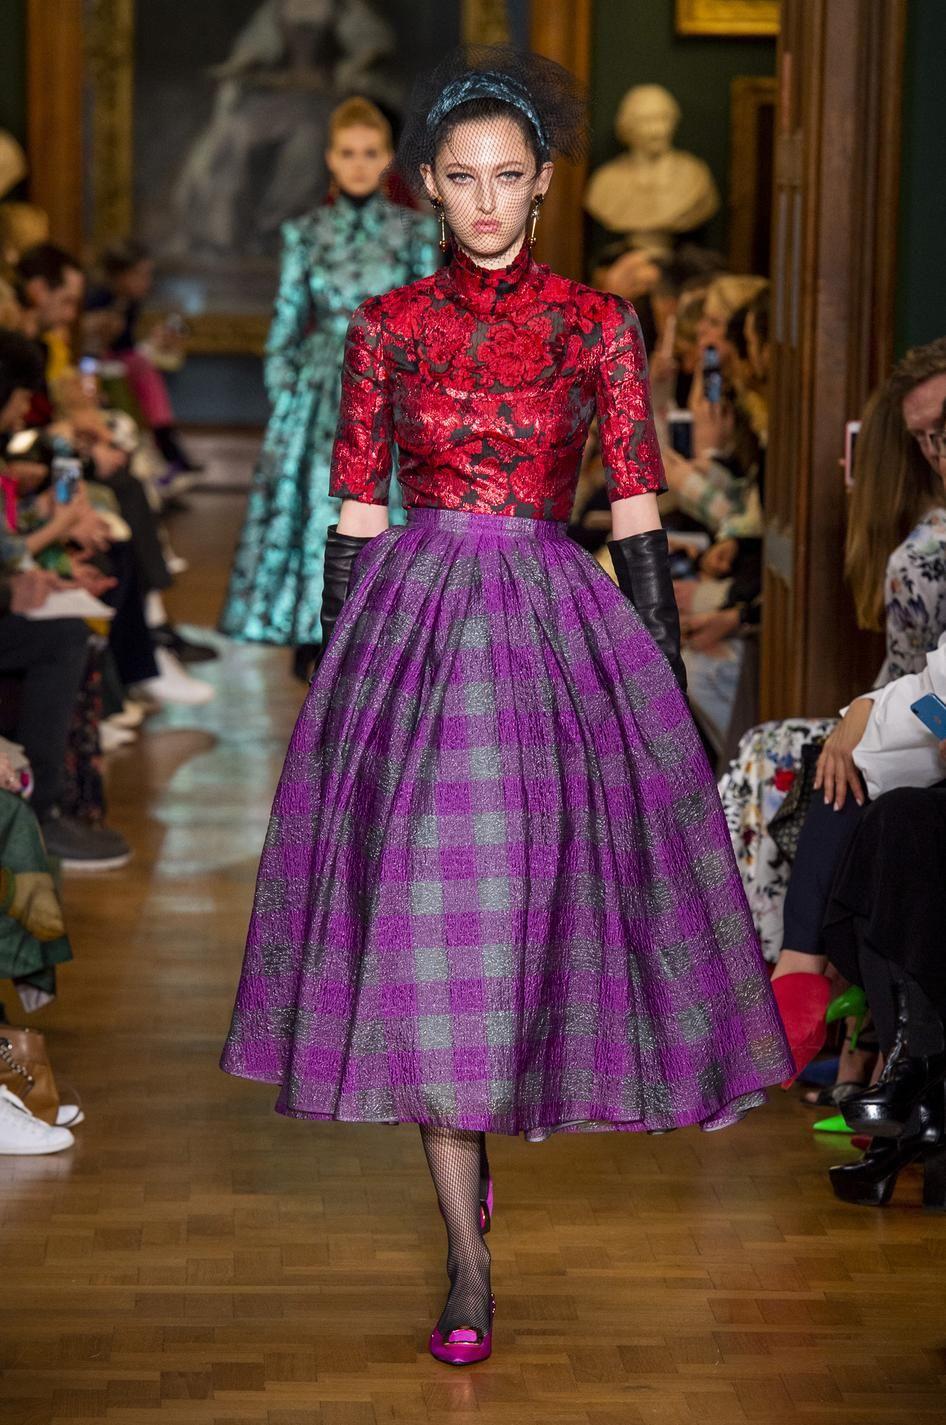 d fil erdem automne hiver 2019 2020 pr t porter fashion fashion skirt fashion erdem. Black Bedroom Furniture Sets. Home Design Ideas